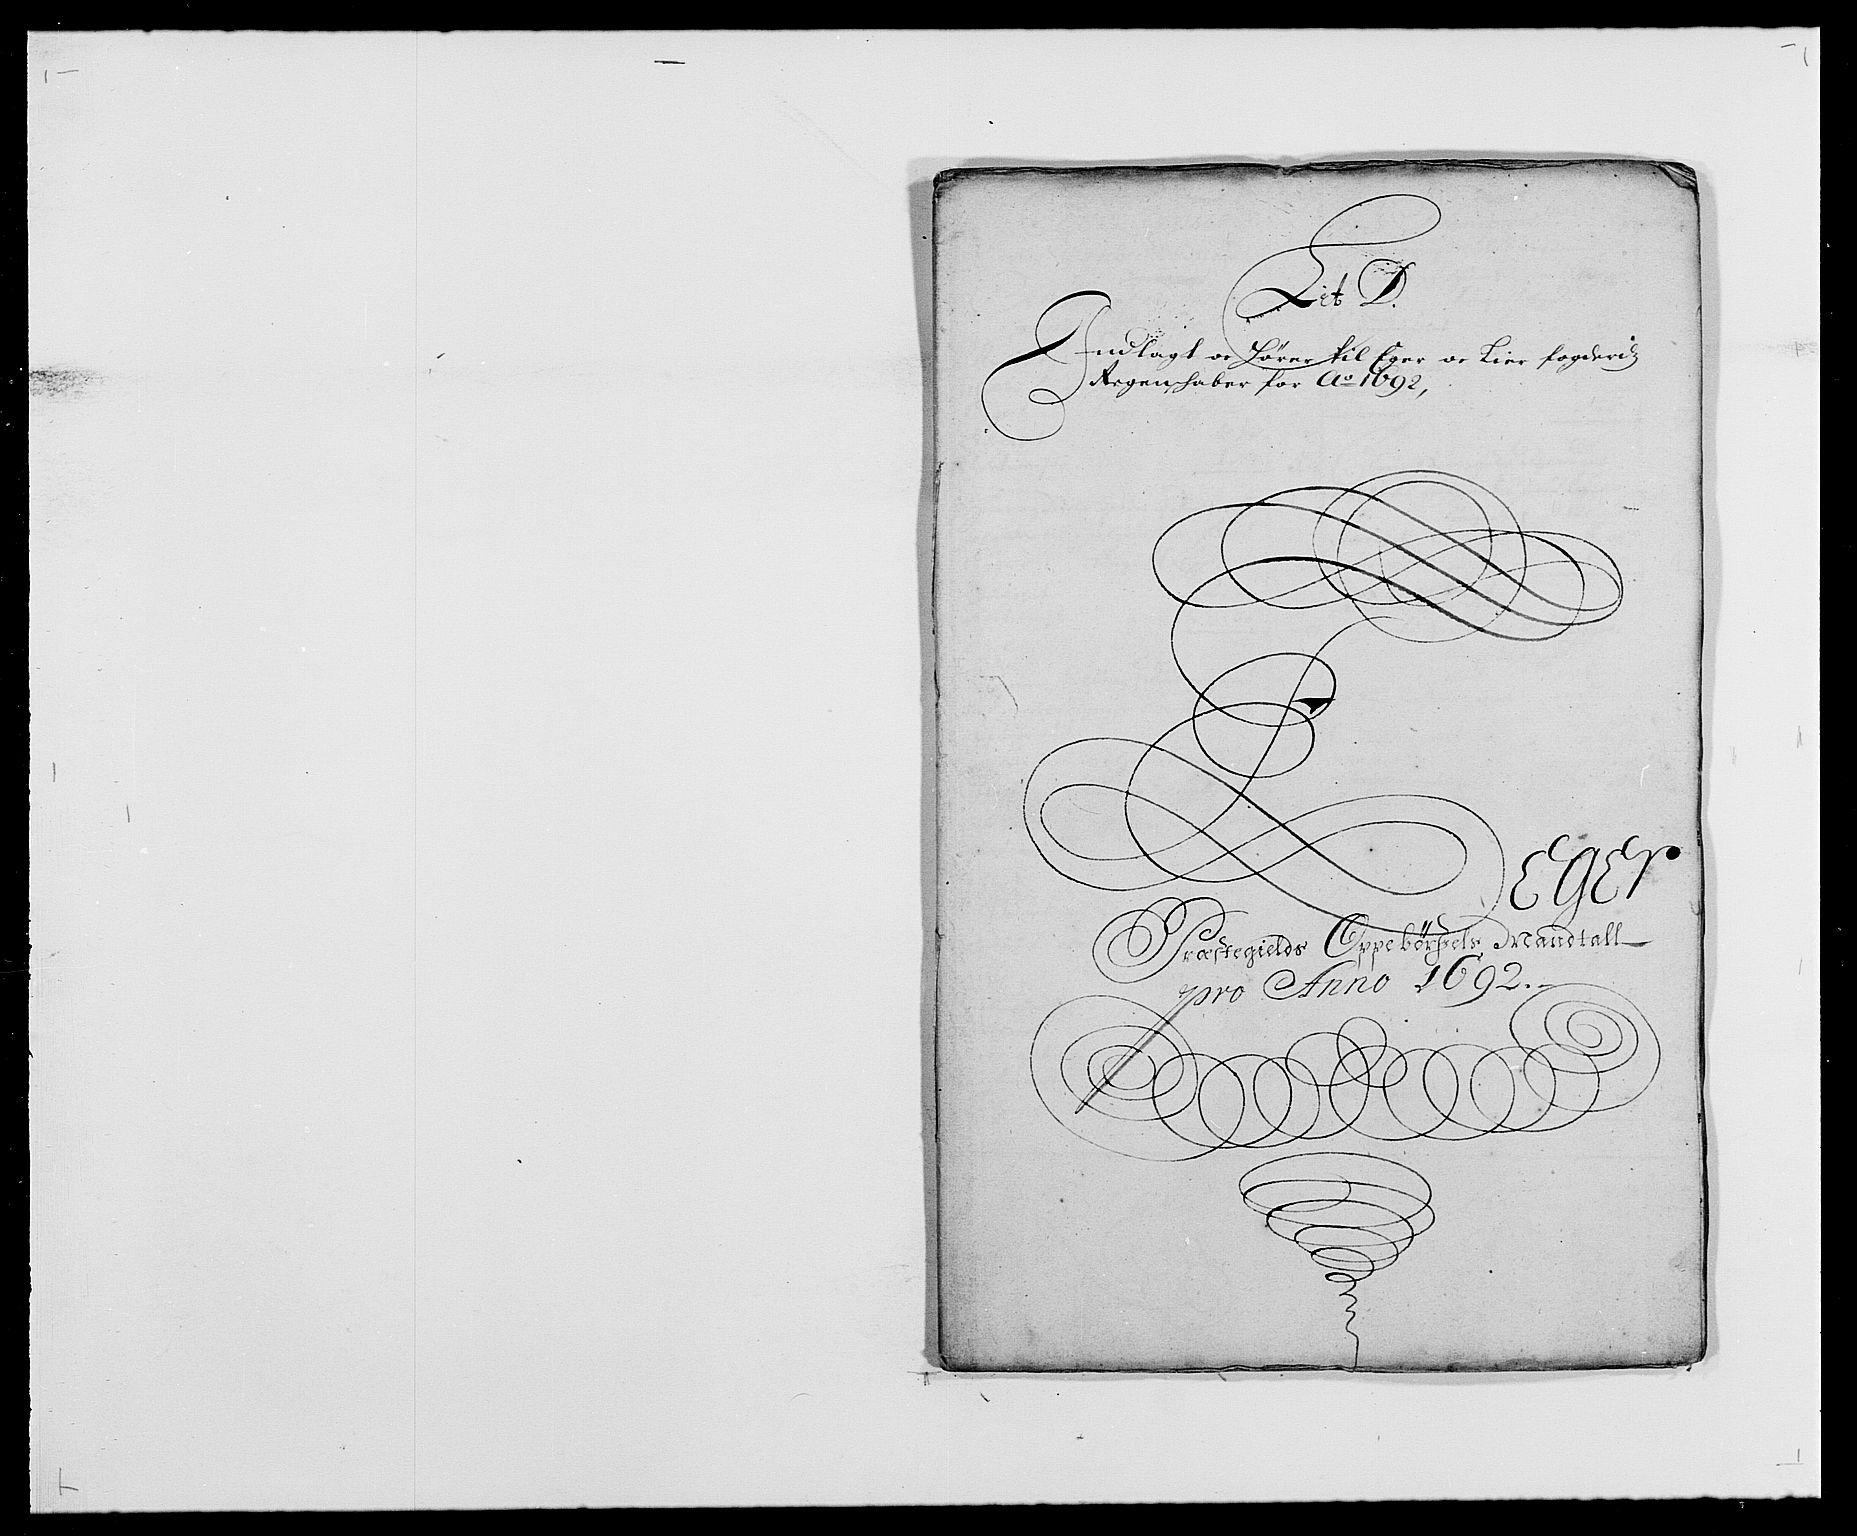 RA, Rentekammeret inntil 1814, Reviderte regnskaper, Fogderegnskap, R28/L1690: Fogderegnskap Eiker og Lier, 1692-1693, s. 27